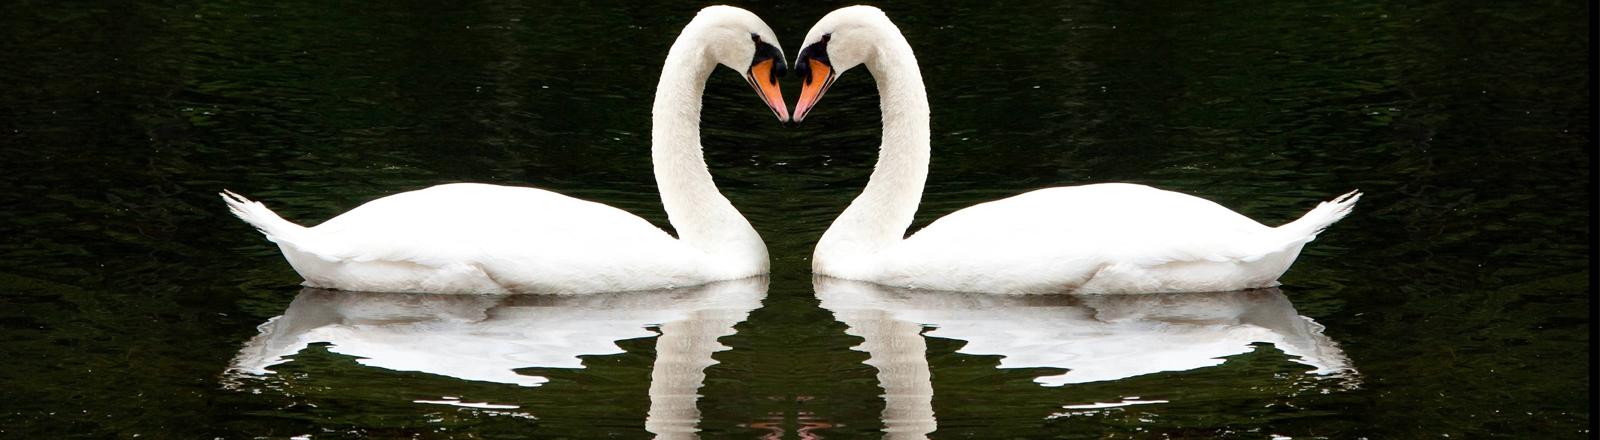 Zwei Schwäne bilden ein Herz. Voll romantisch.